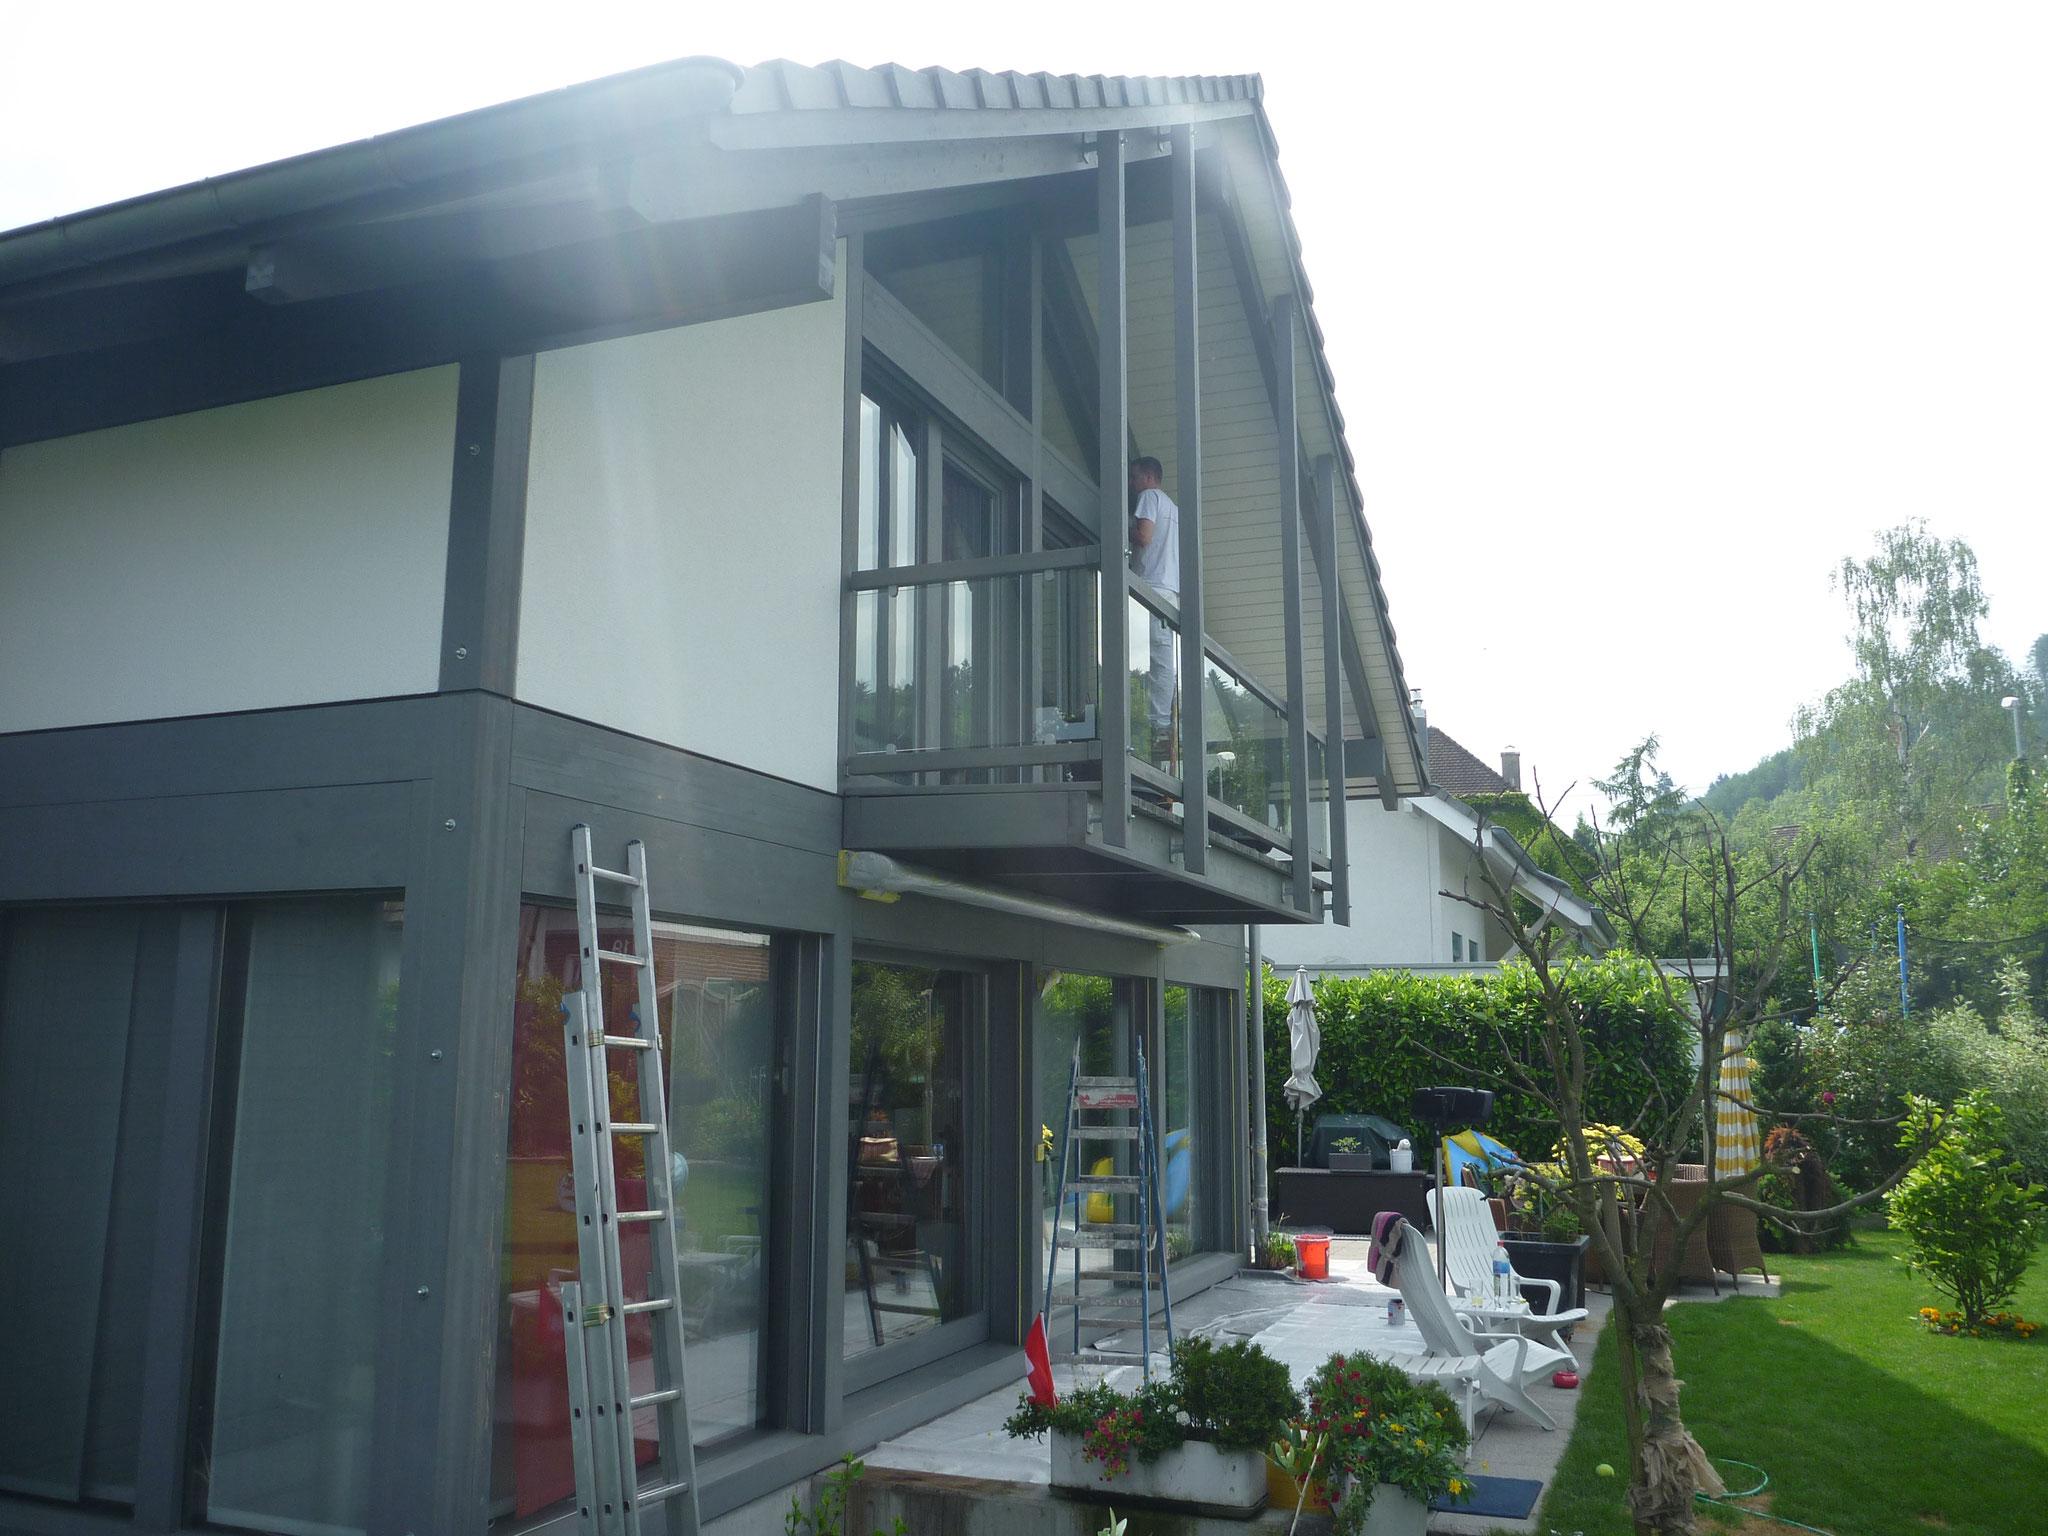 Einfamilienhaus in Rheinfelden.